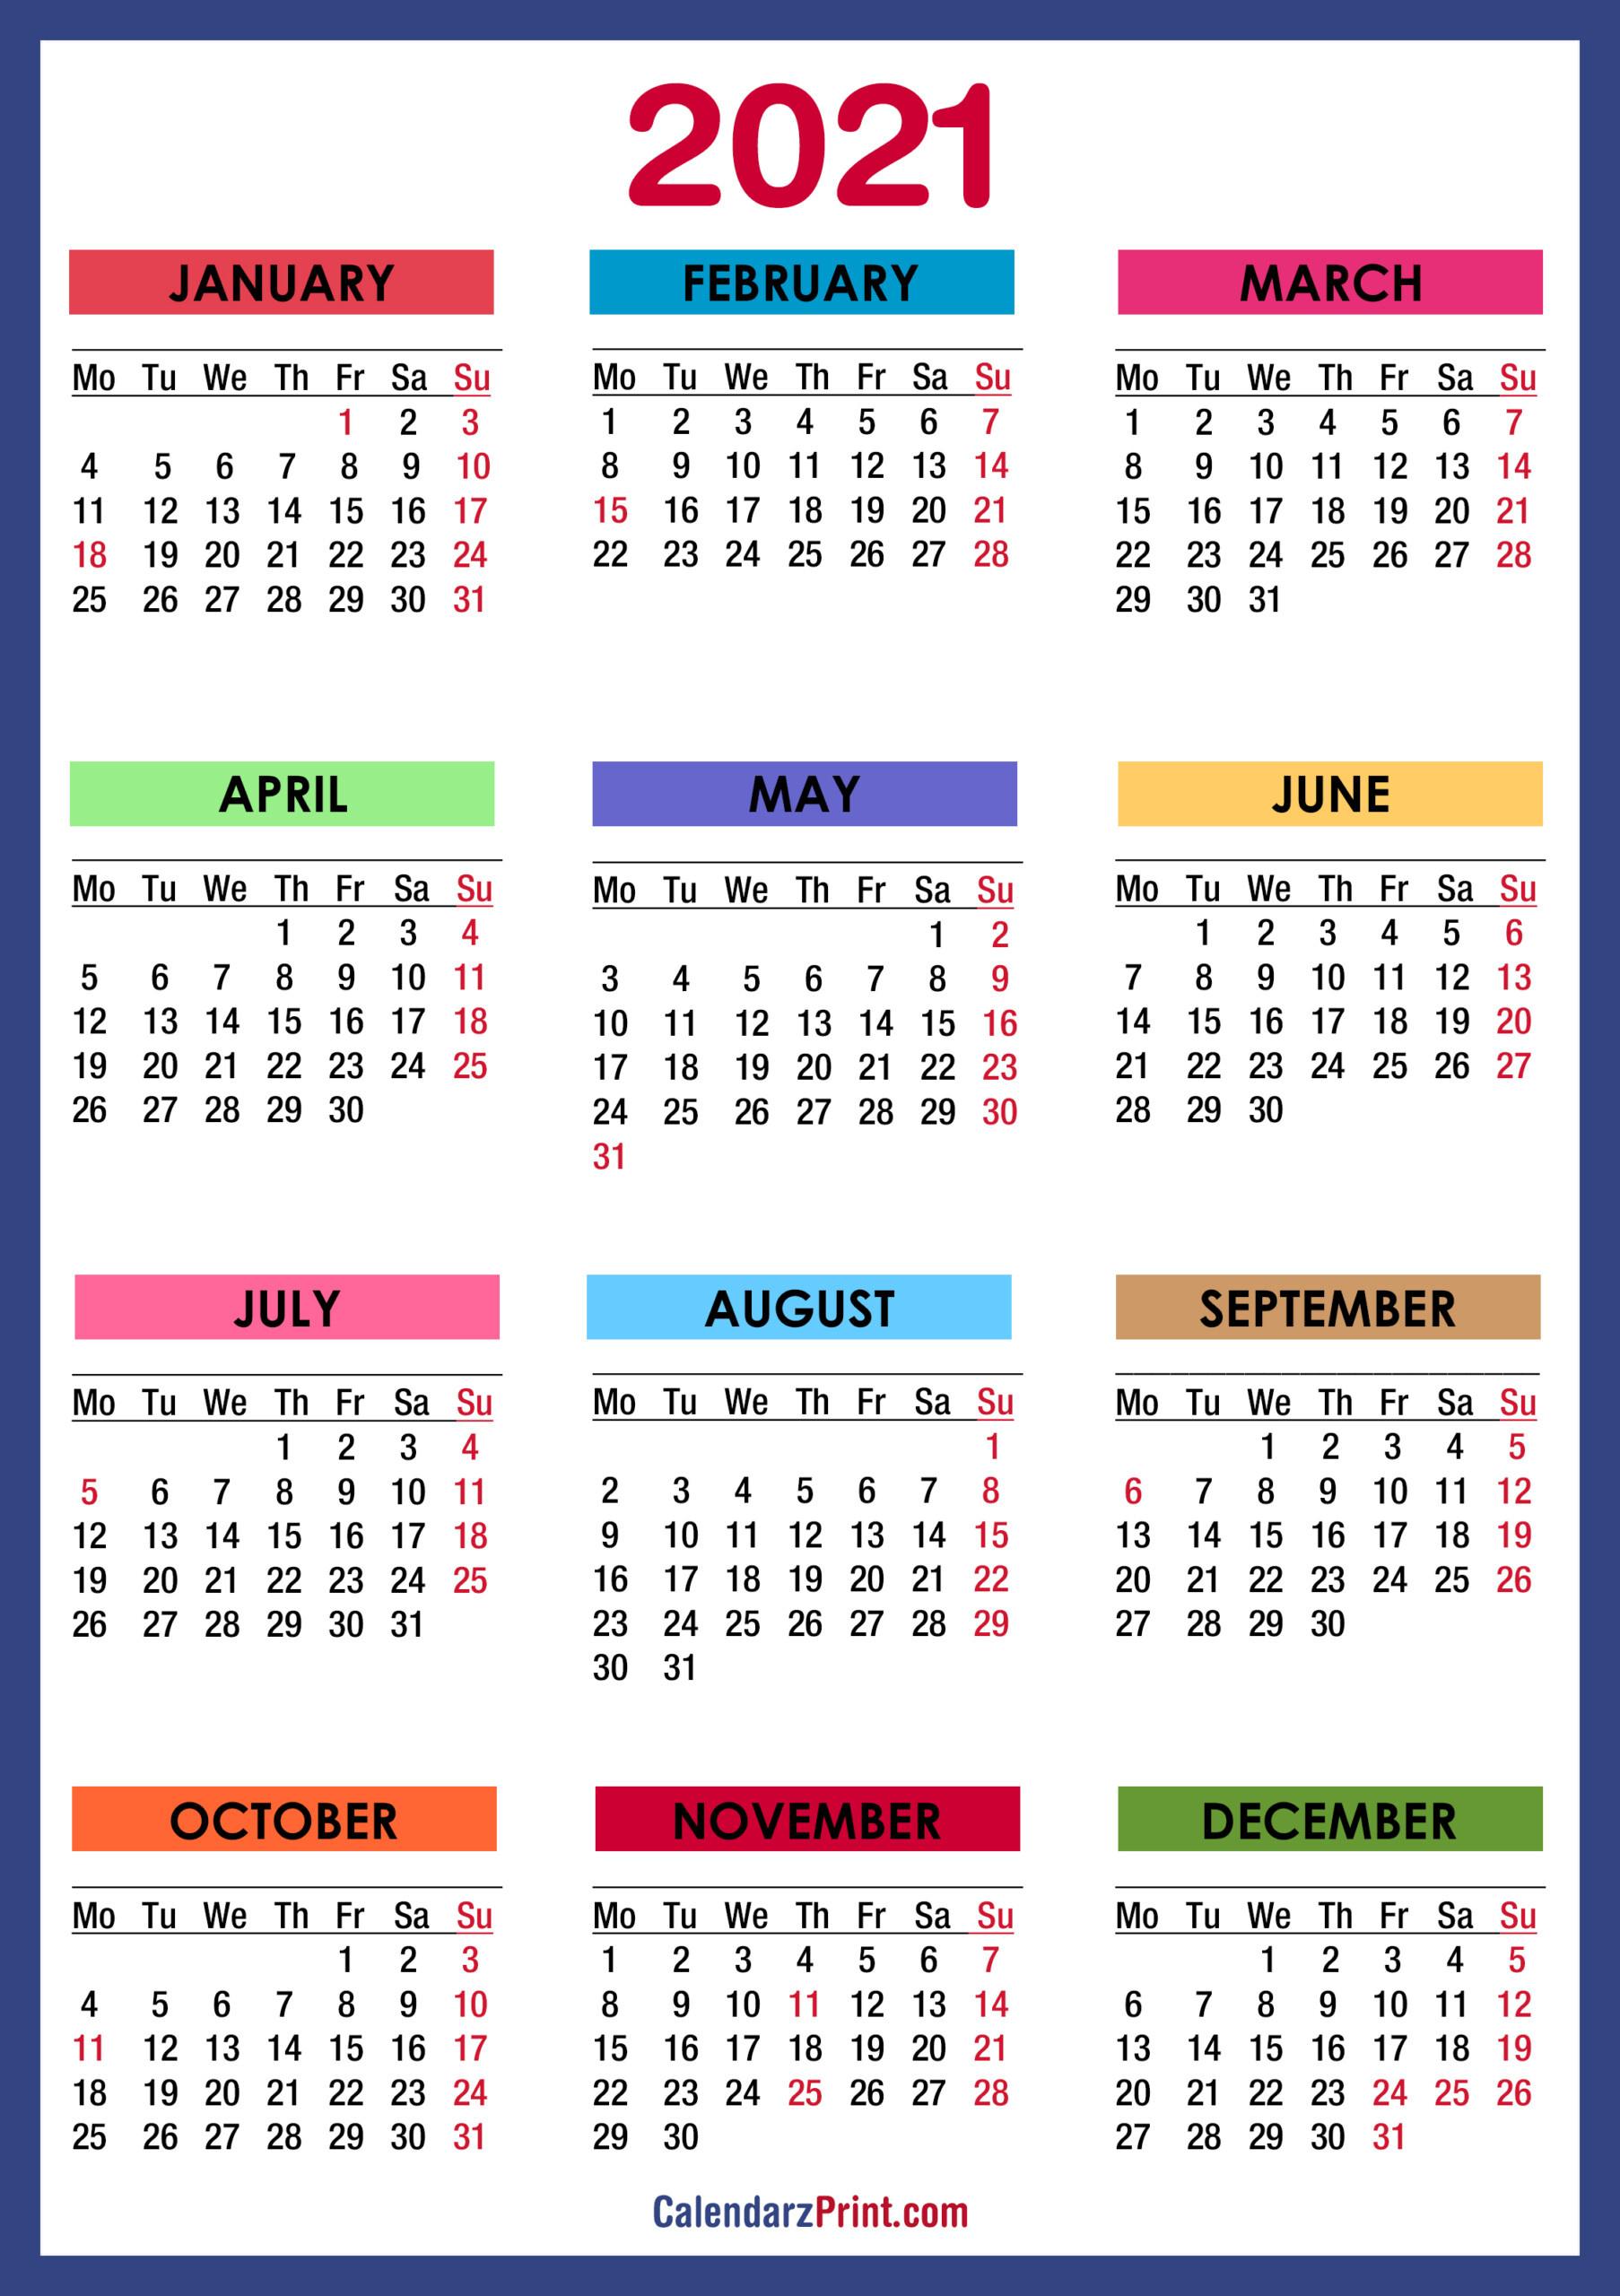 2021 Calendar Printable With Holidays Usa | 2021 Printable_Bulk Calendar Printing Us